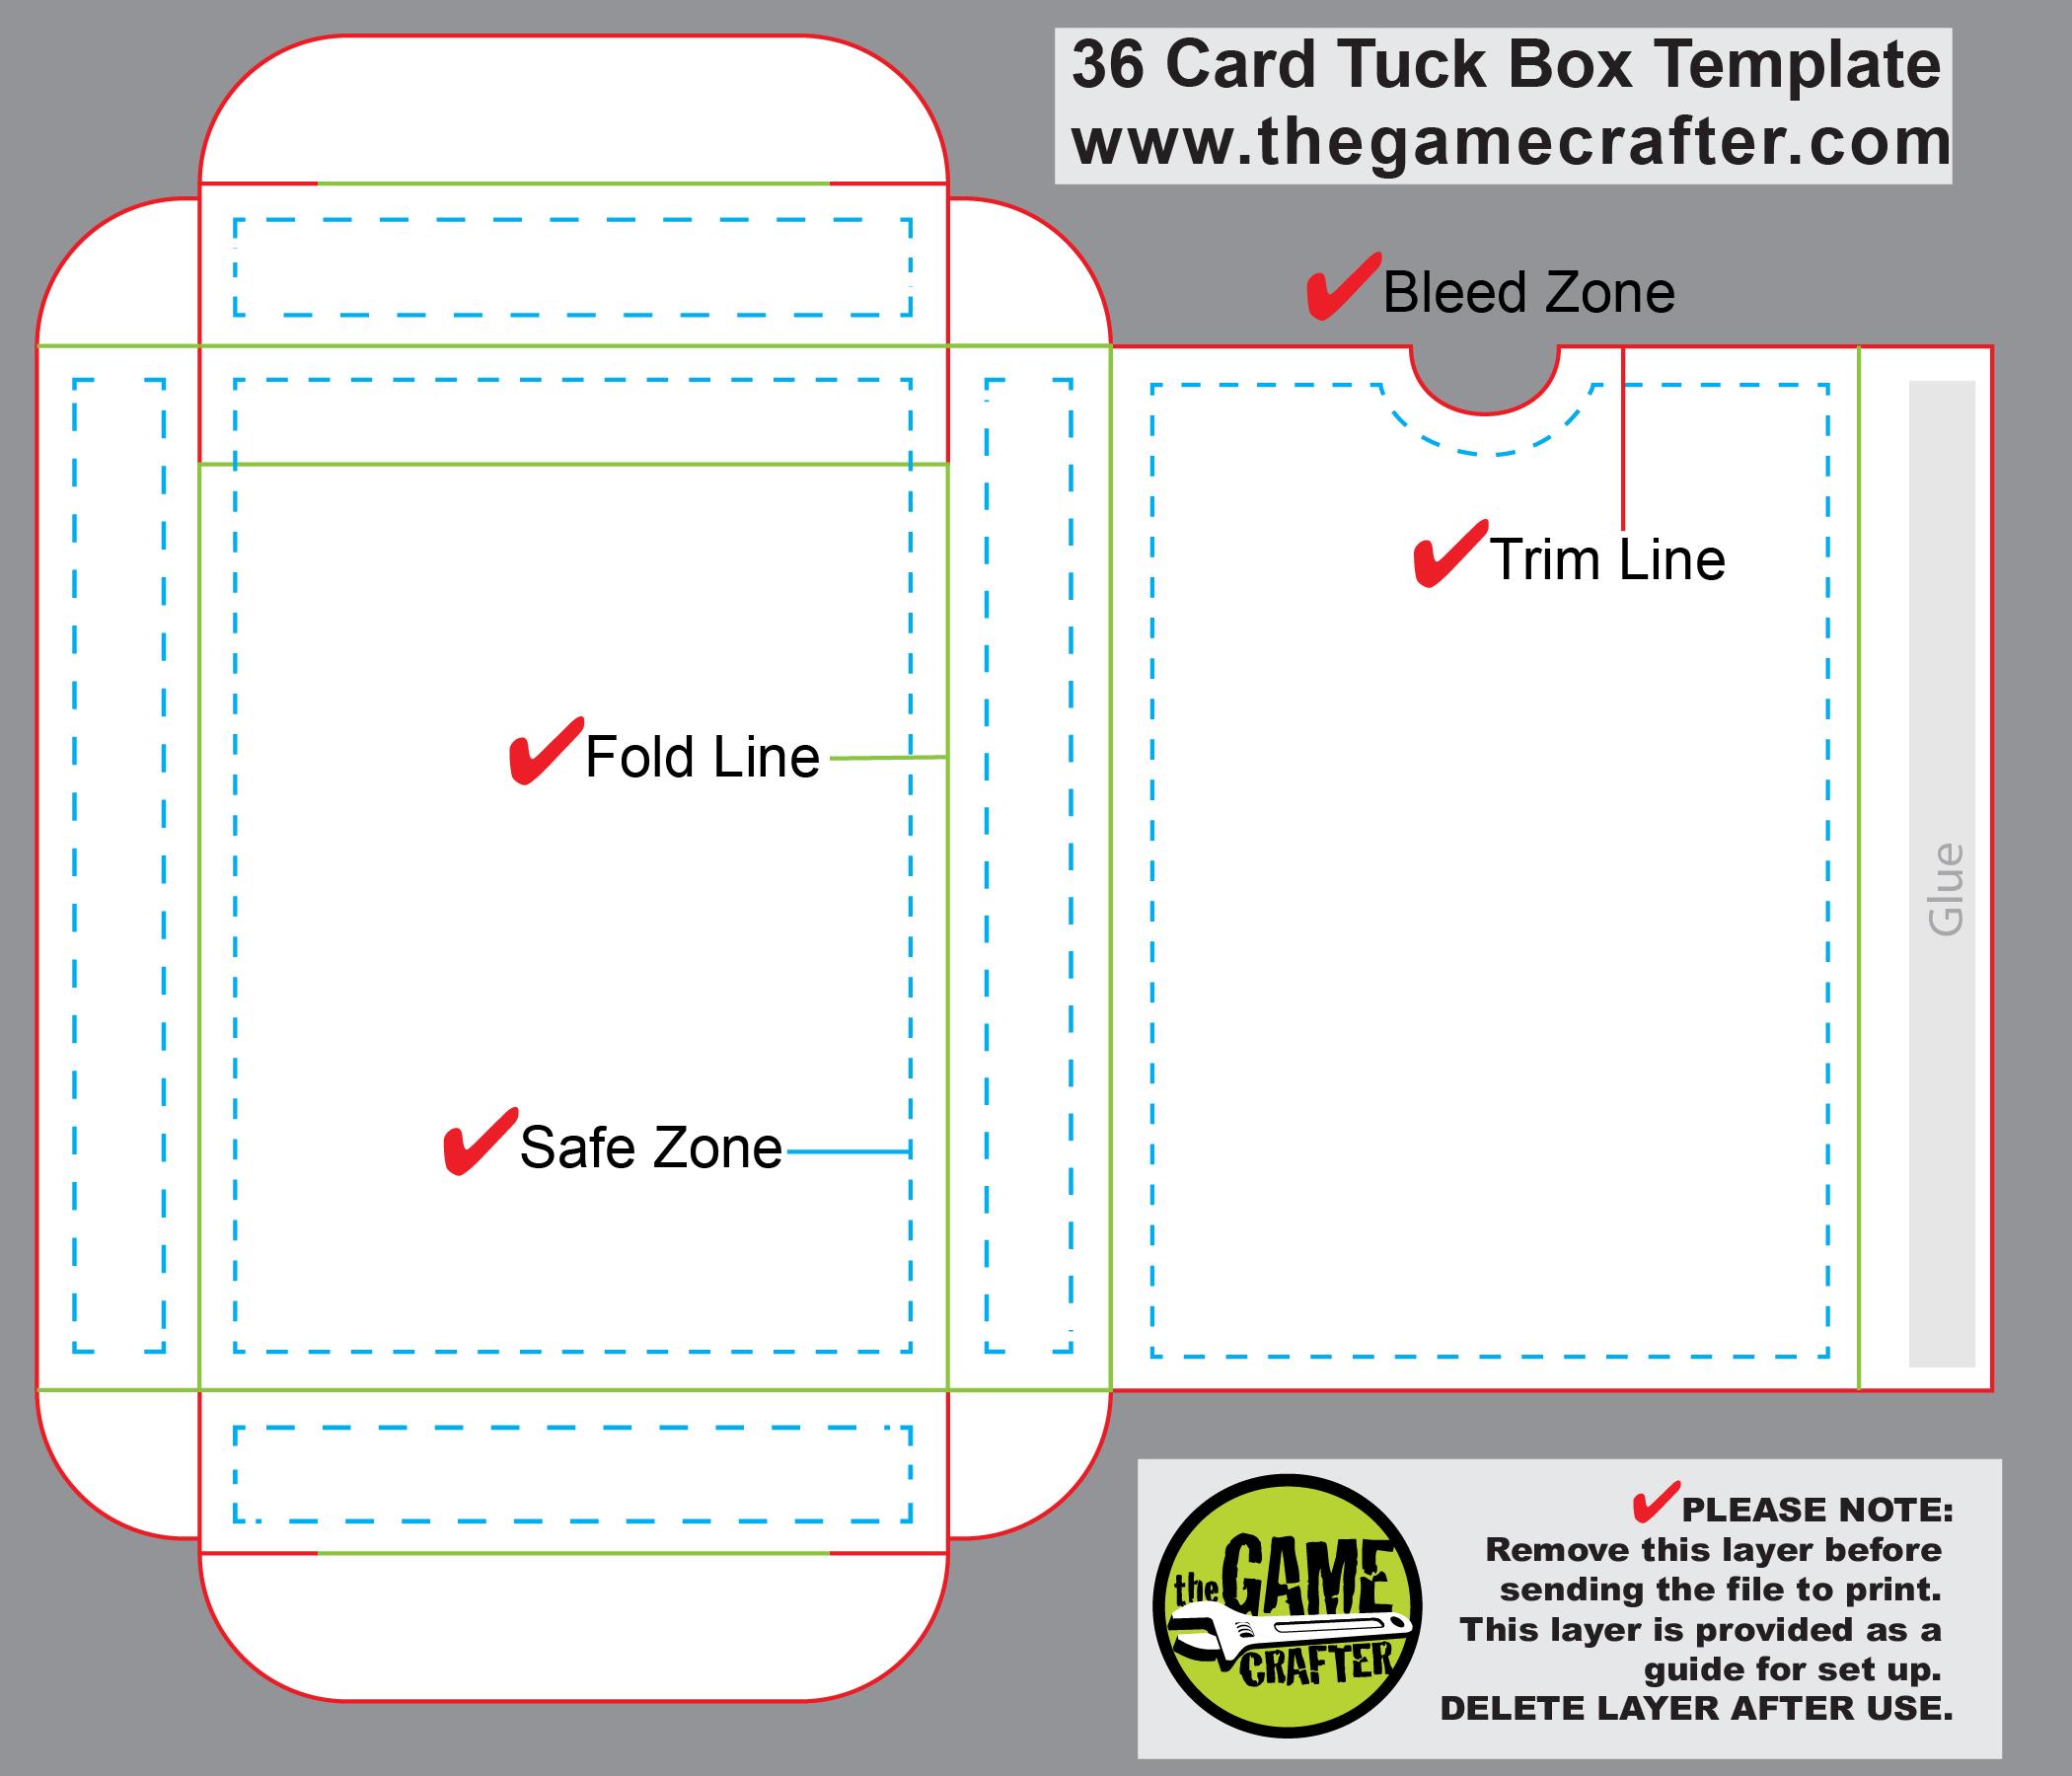 poker tuck box 36 cards. Black Bedroom Furniture Sets. Home Design Ideas